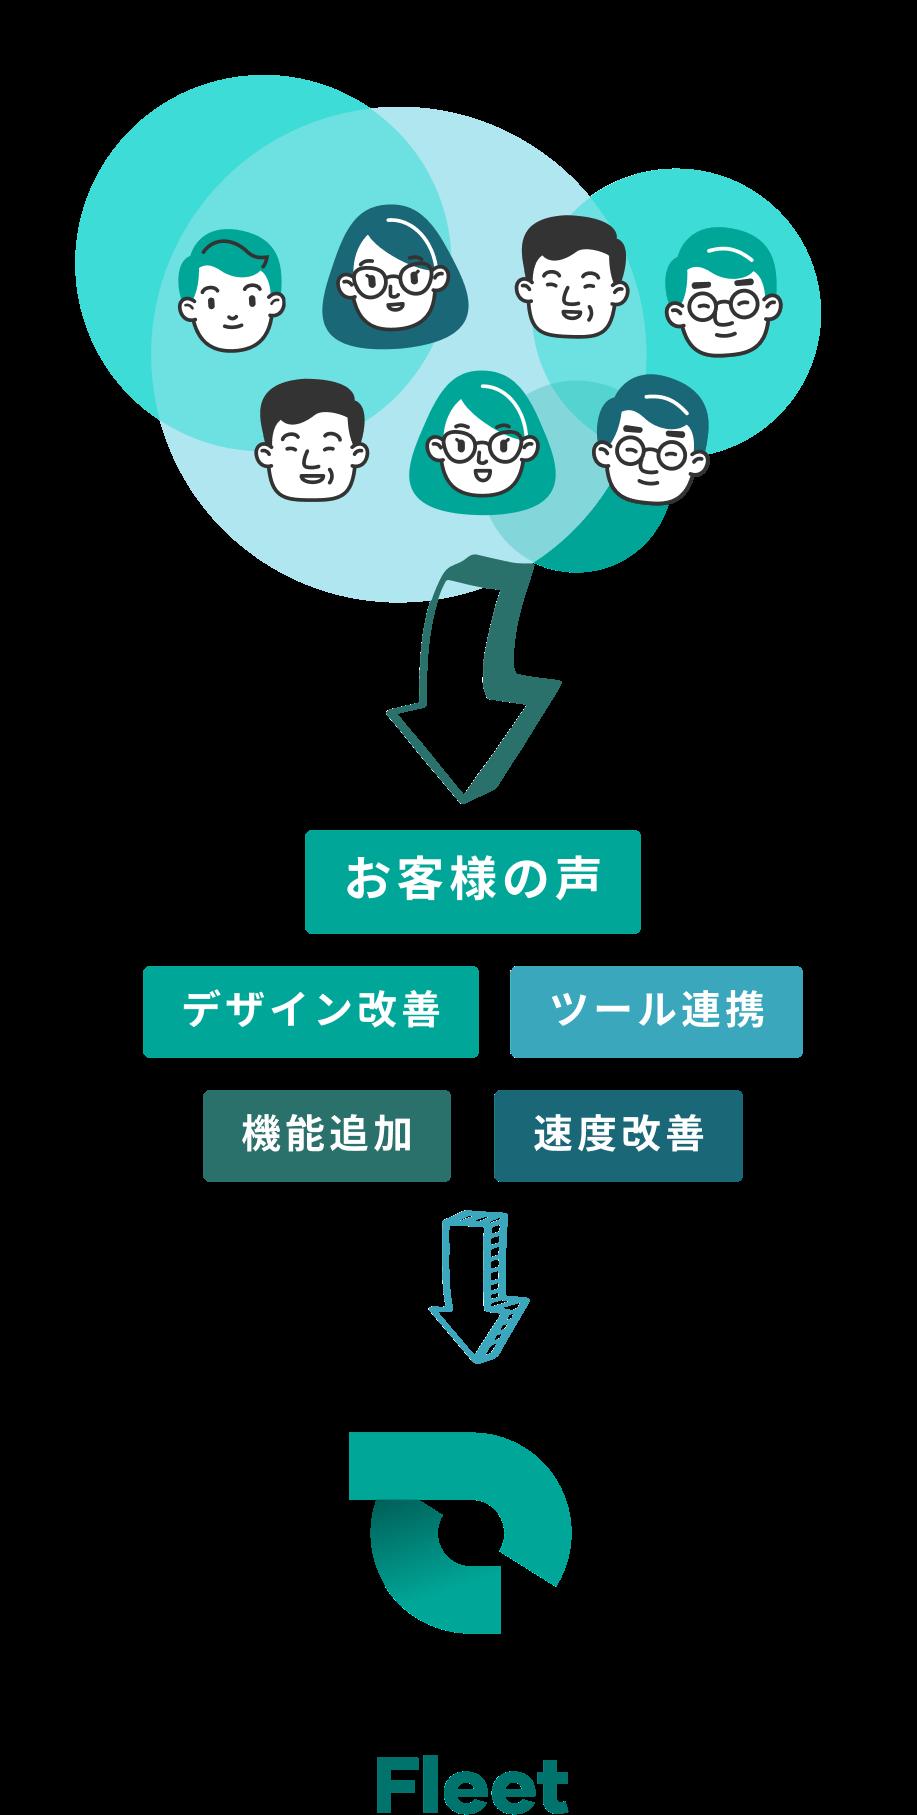 定期的なアップデートイメージ図。お客様の声、デザイン改善、ツール連携、機能追加、速度改善→SmartDrive Fleet